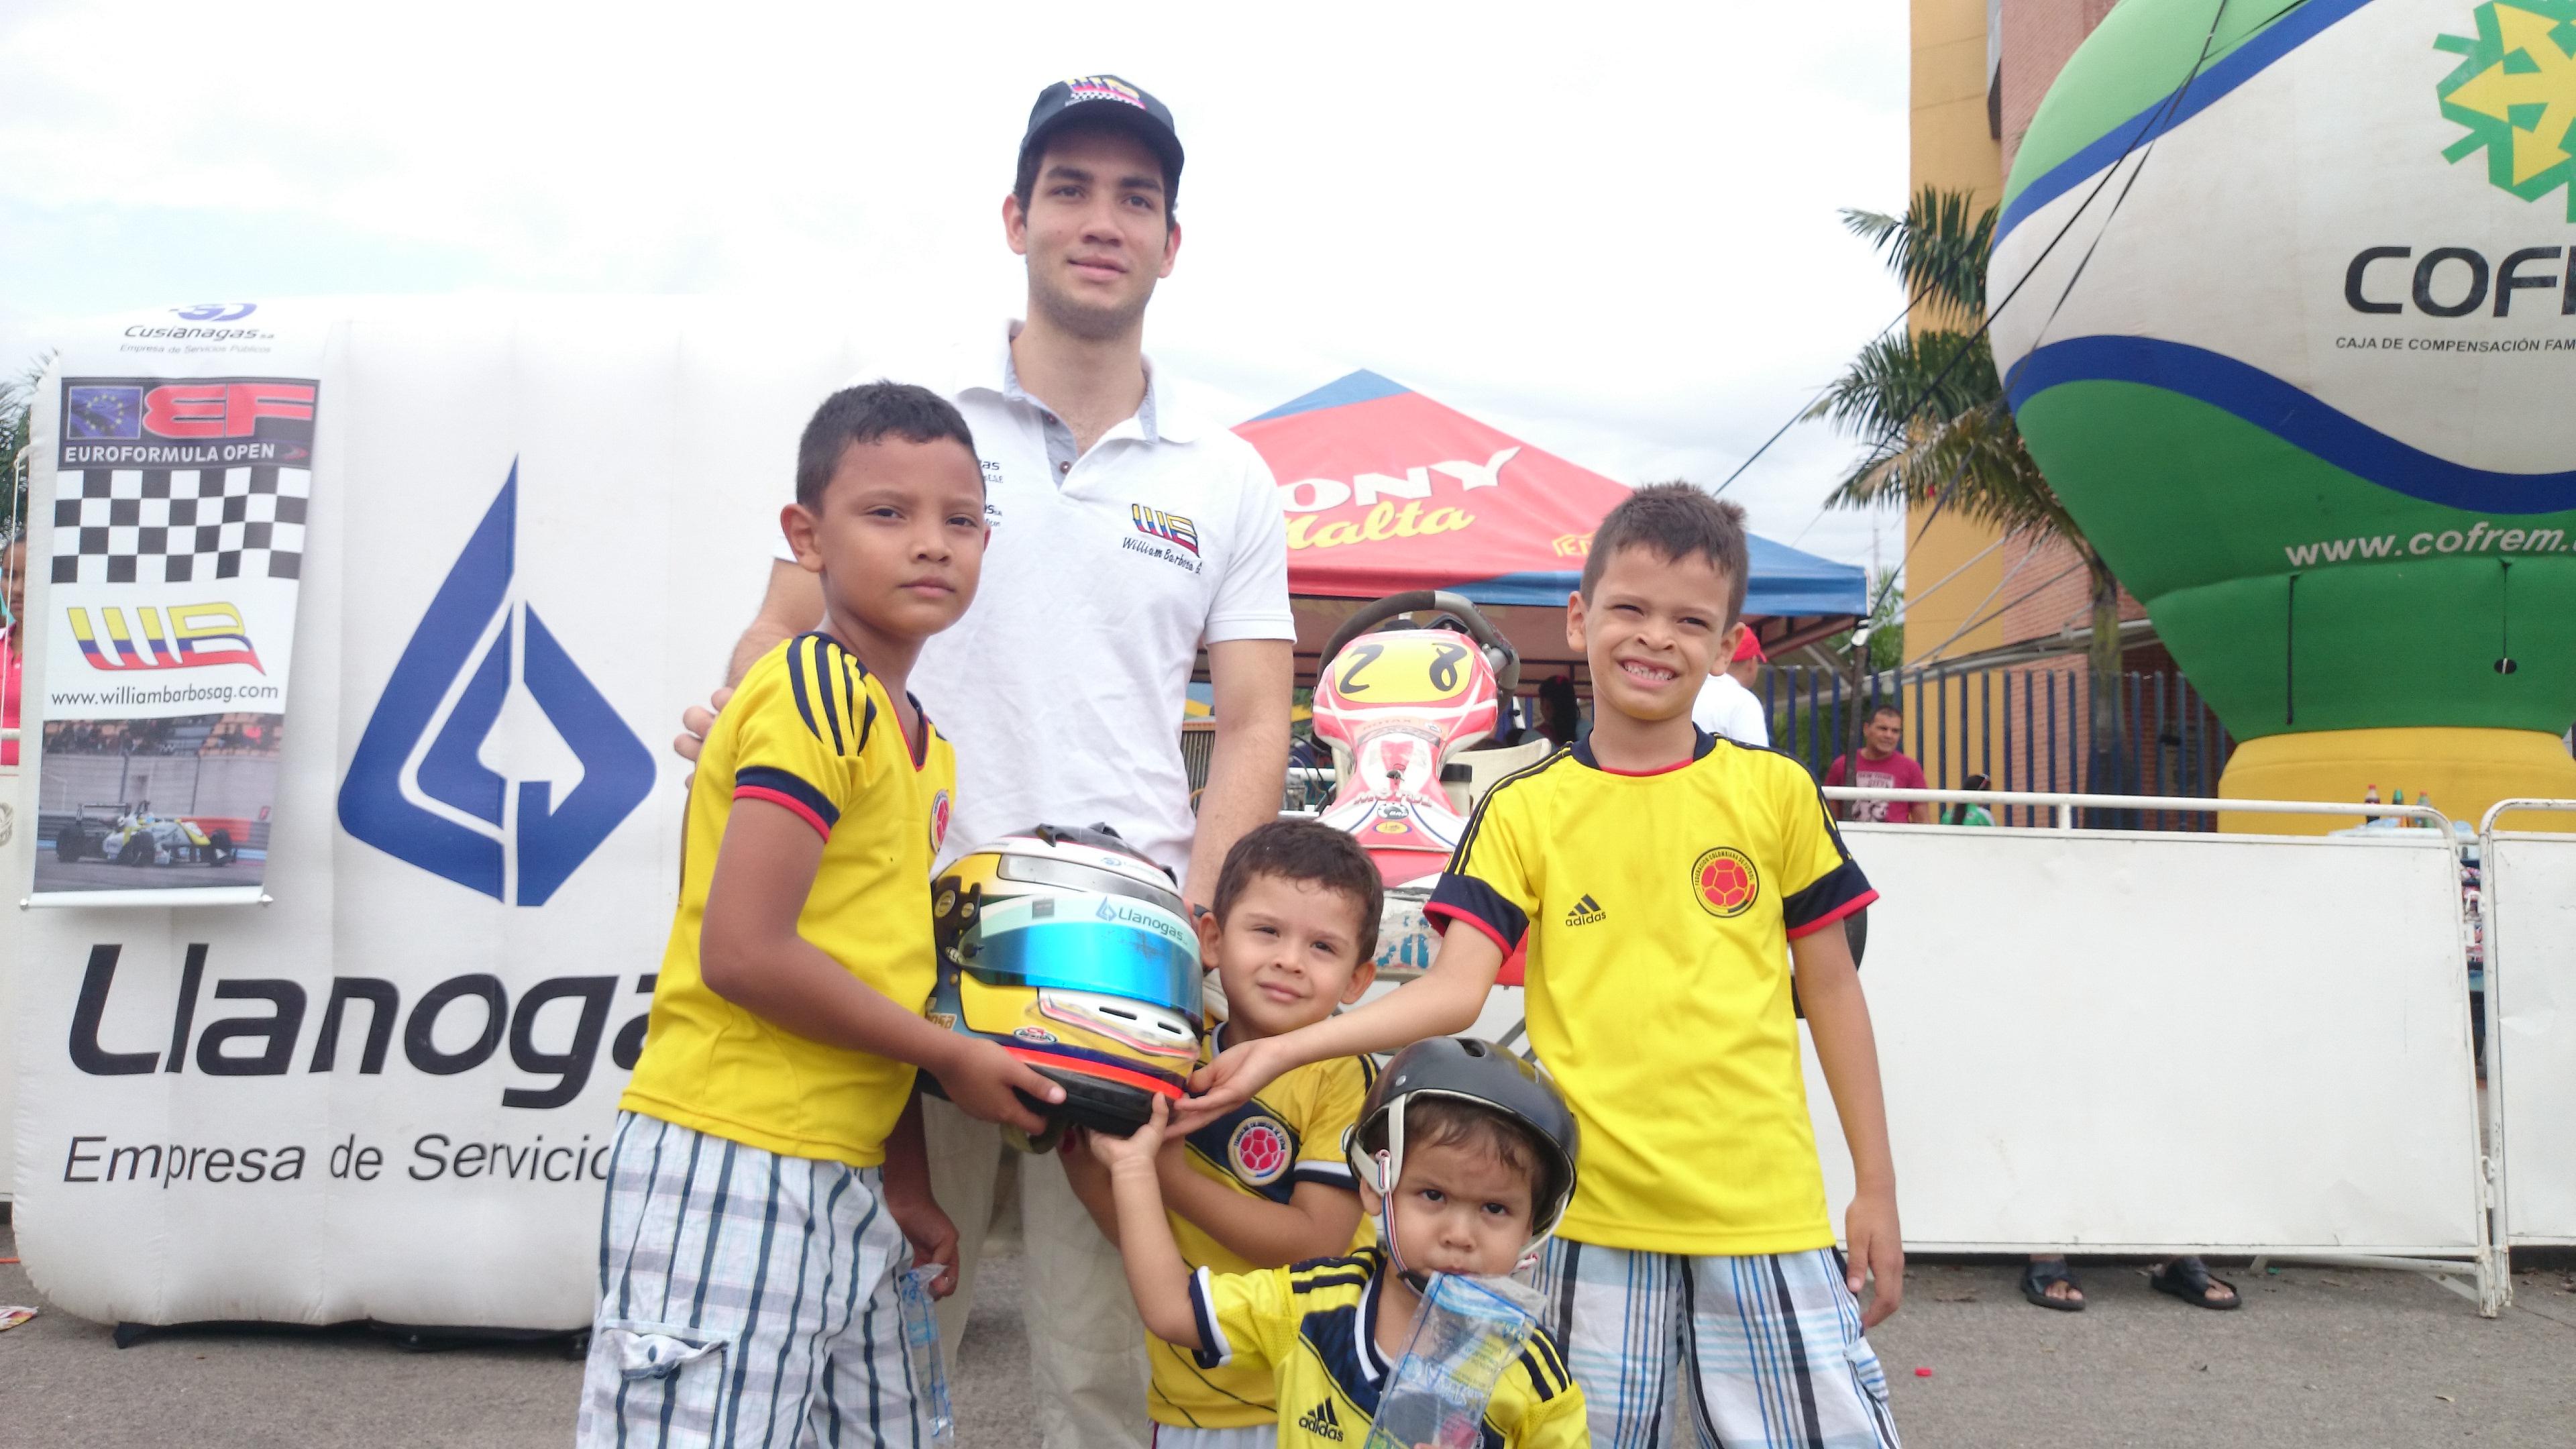 William_Barbosa_G._Clásica_de_triciclos.2592